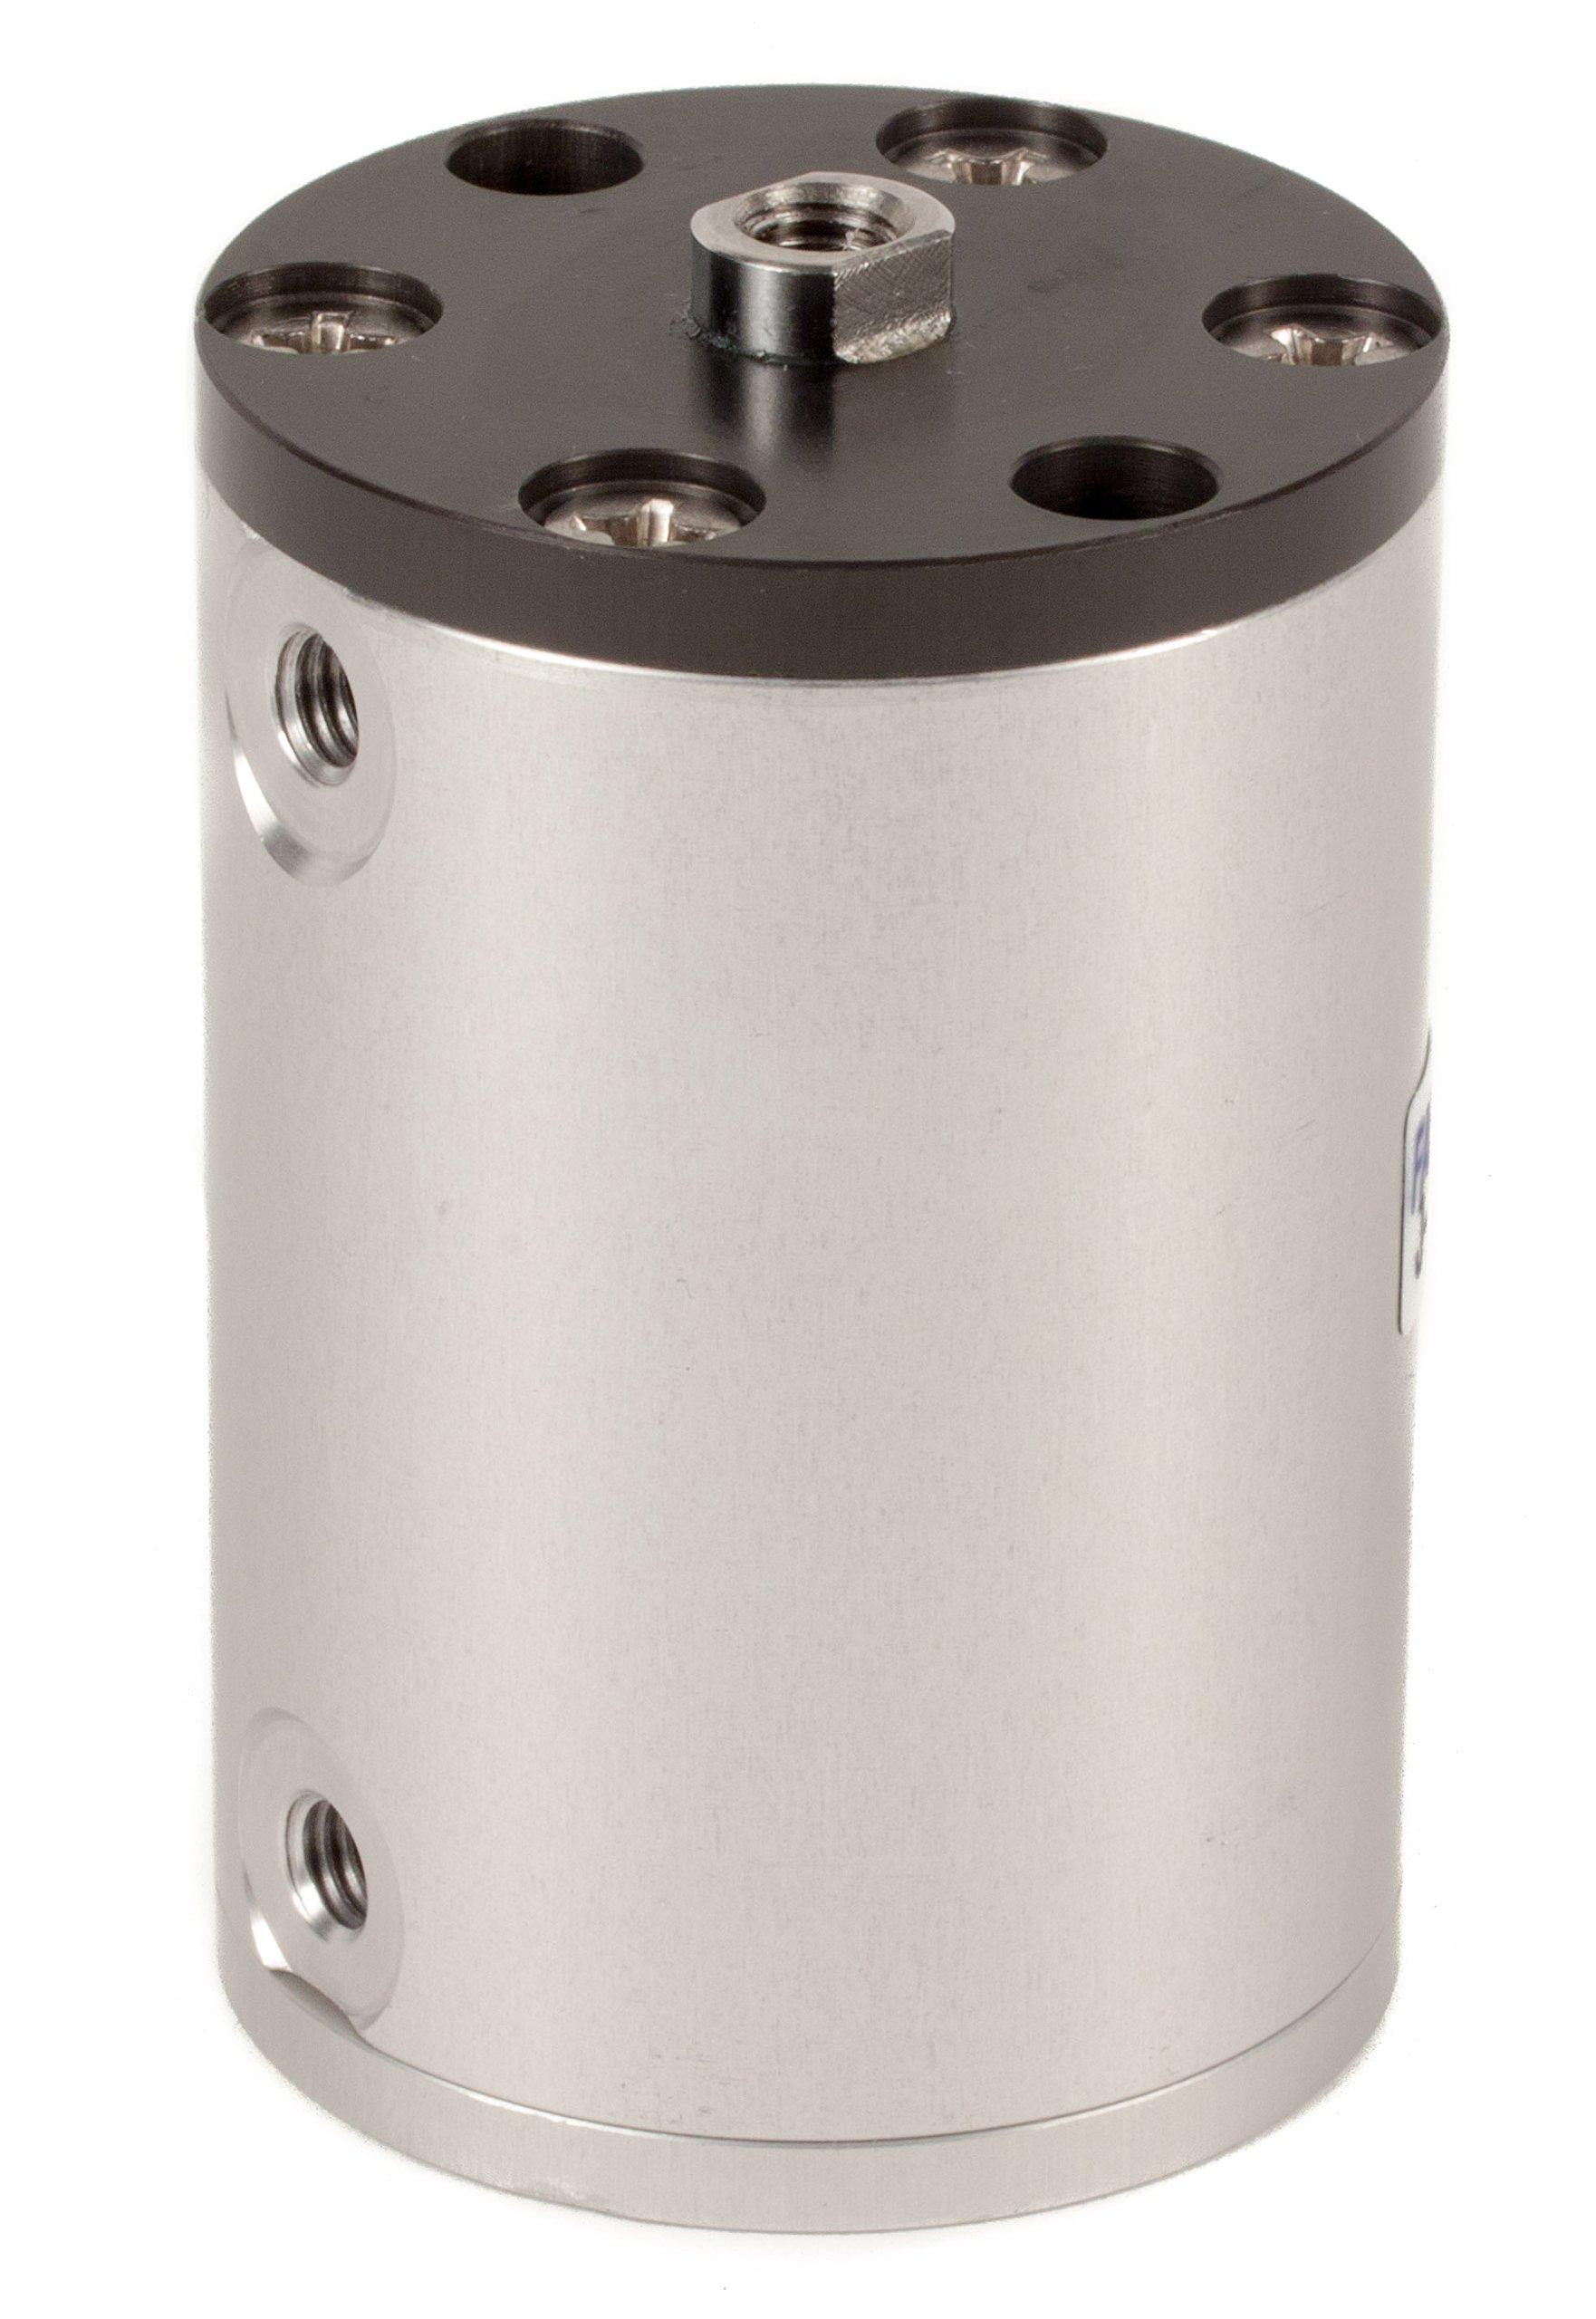 Fabco-Air L-7-X Original Pancake Cylinder, Double Acting, Maximum Pressure of 250 PSI, 3/4'' Bore Diameter x 3'' Stroke